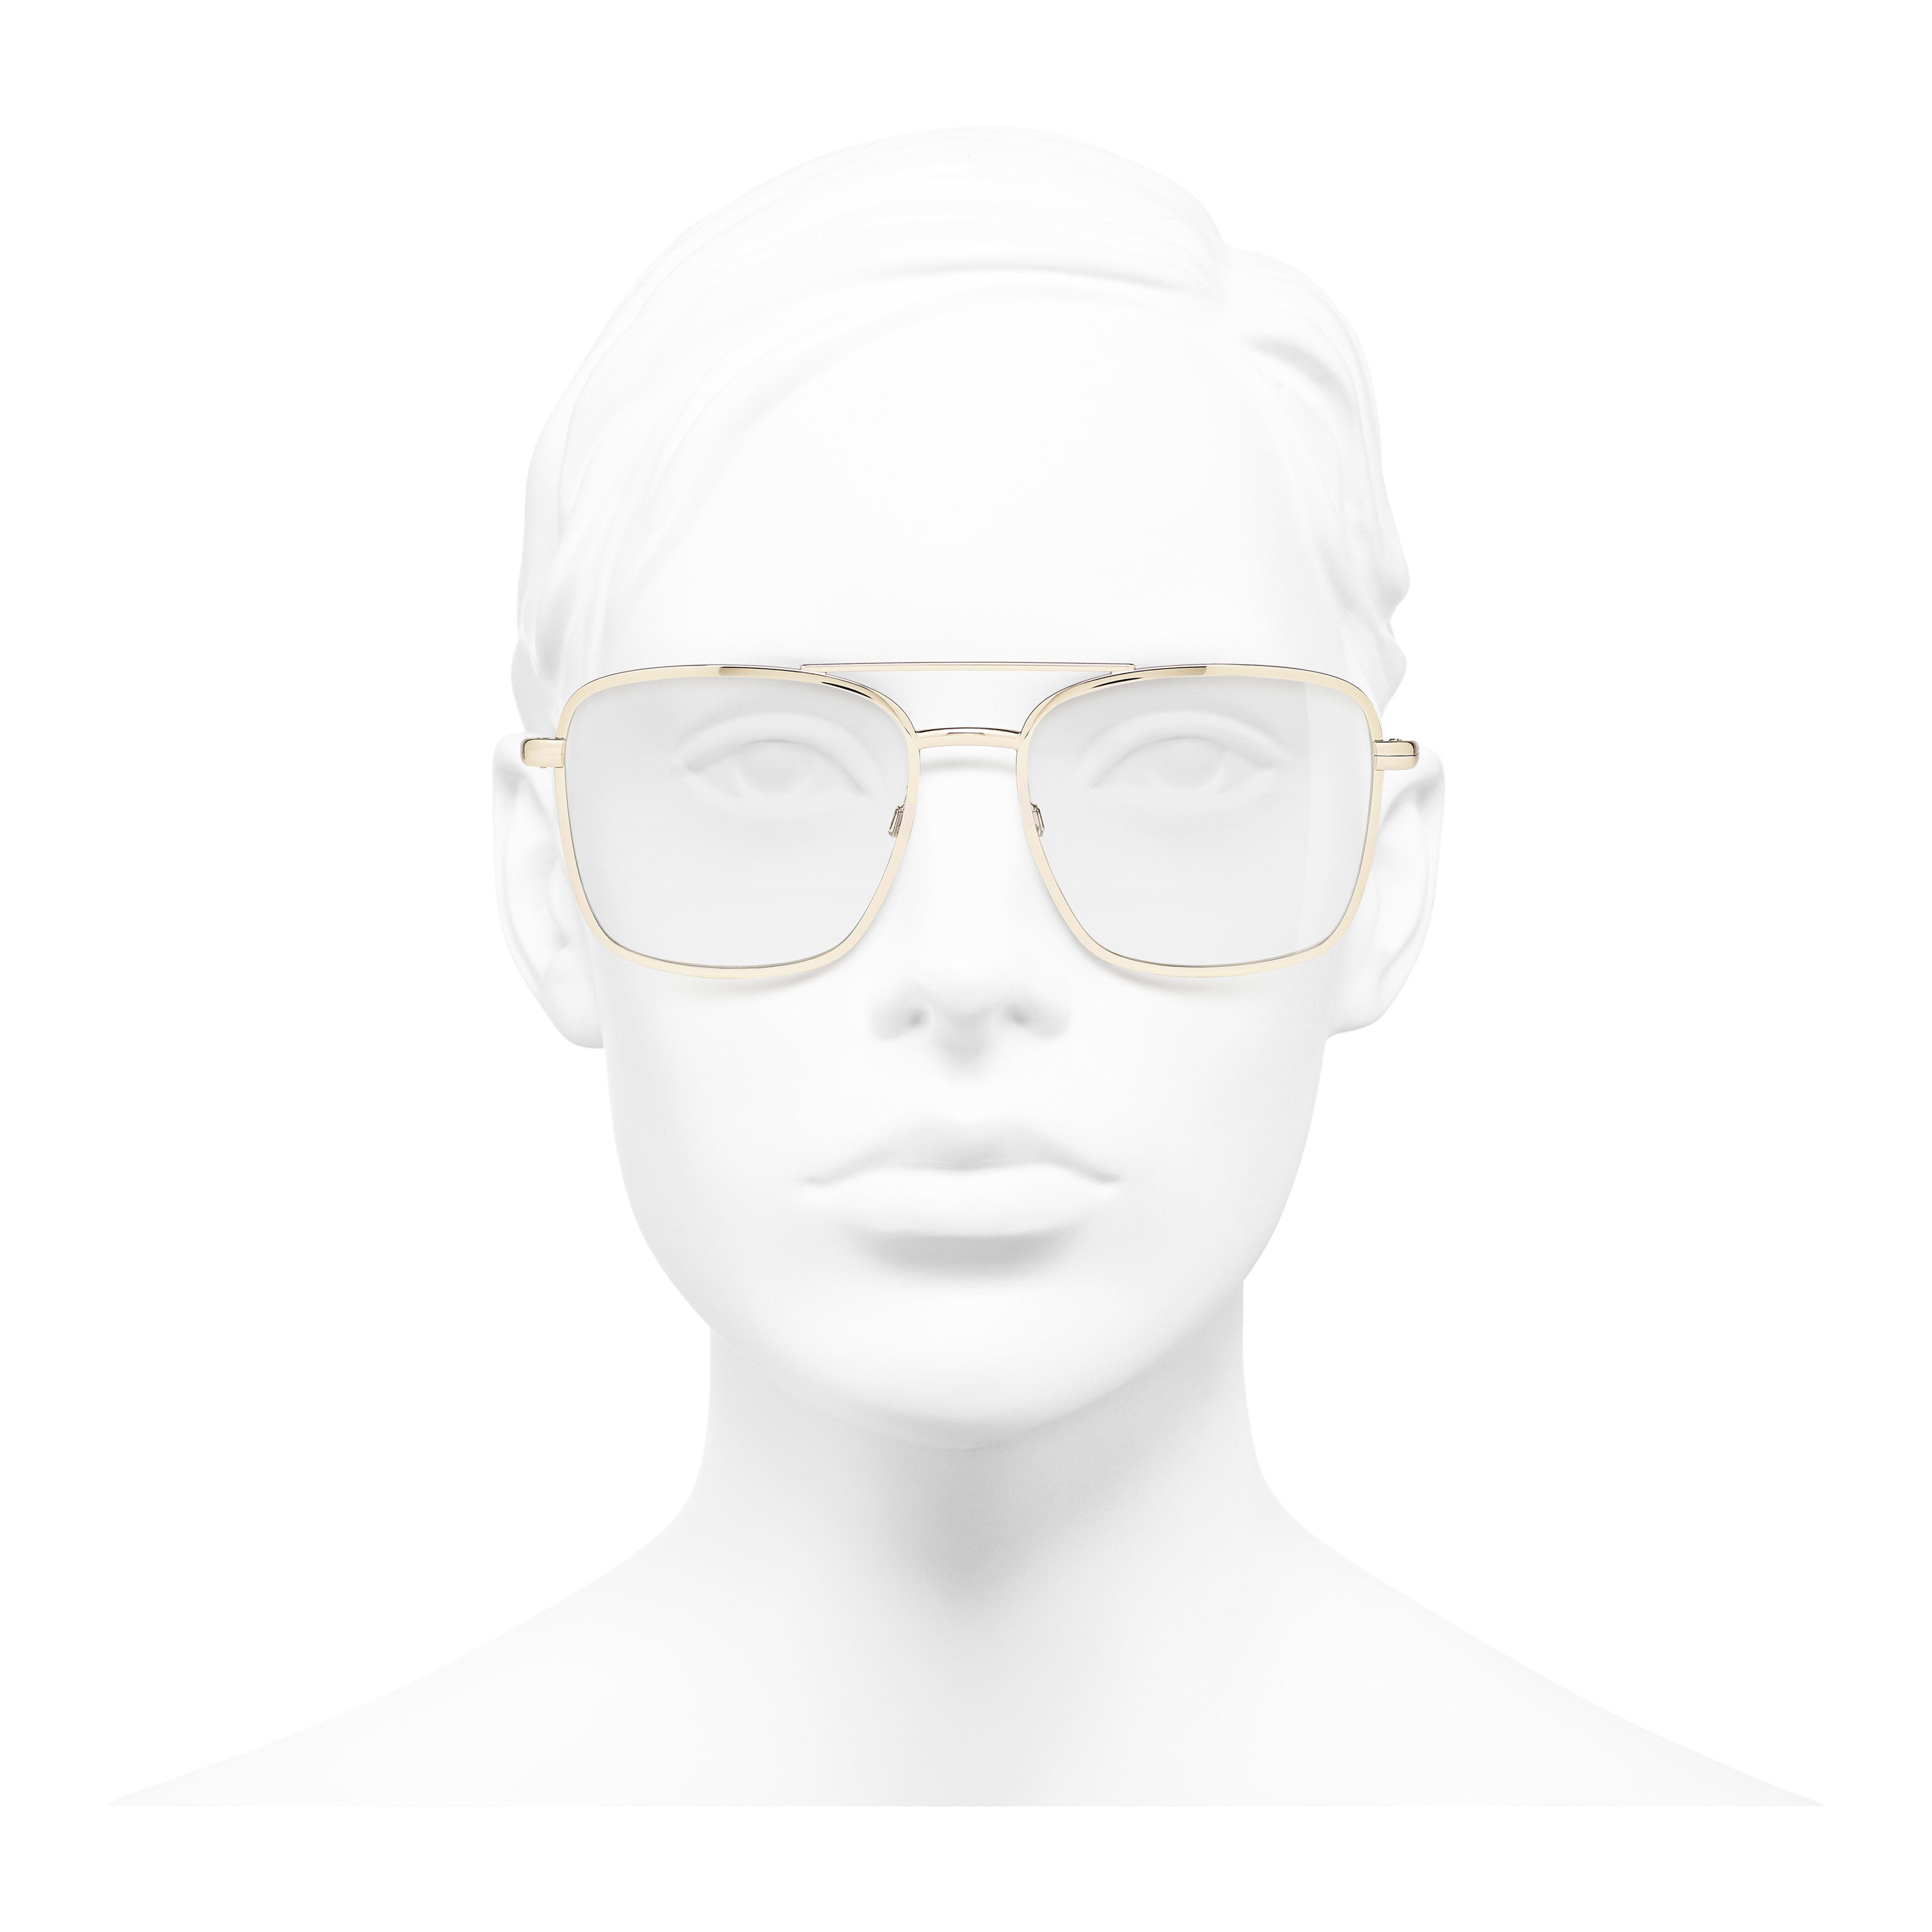 飛行員眼鏡 - 金 - 金屬 - 配戴時的正面視圖 - 查看全尺寸版本